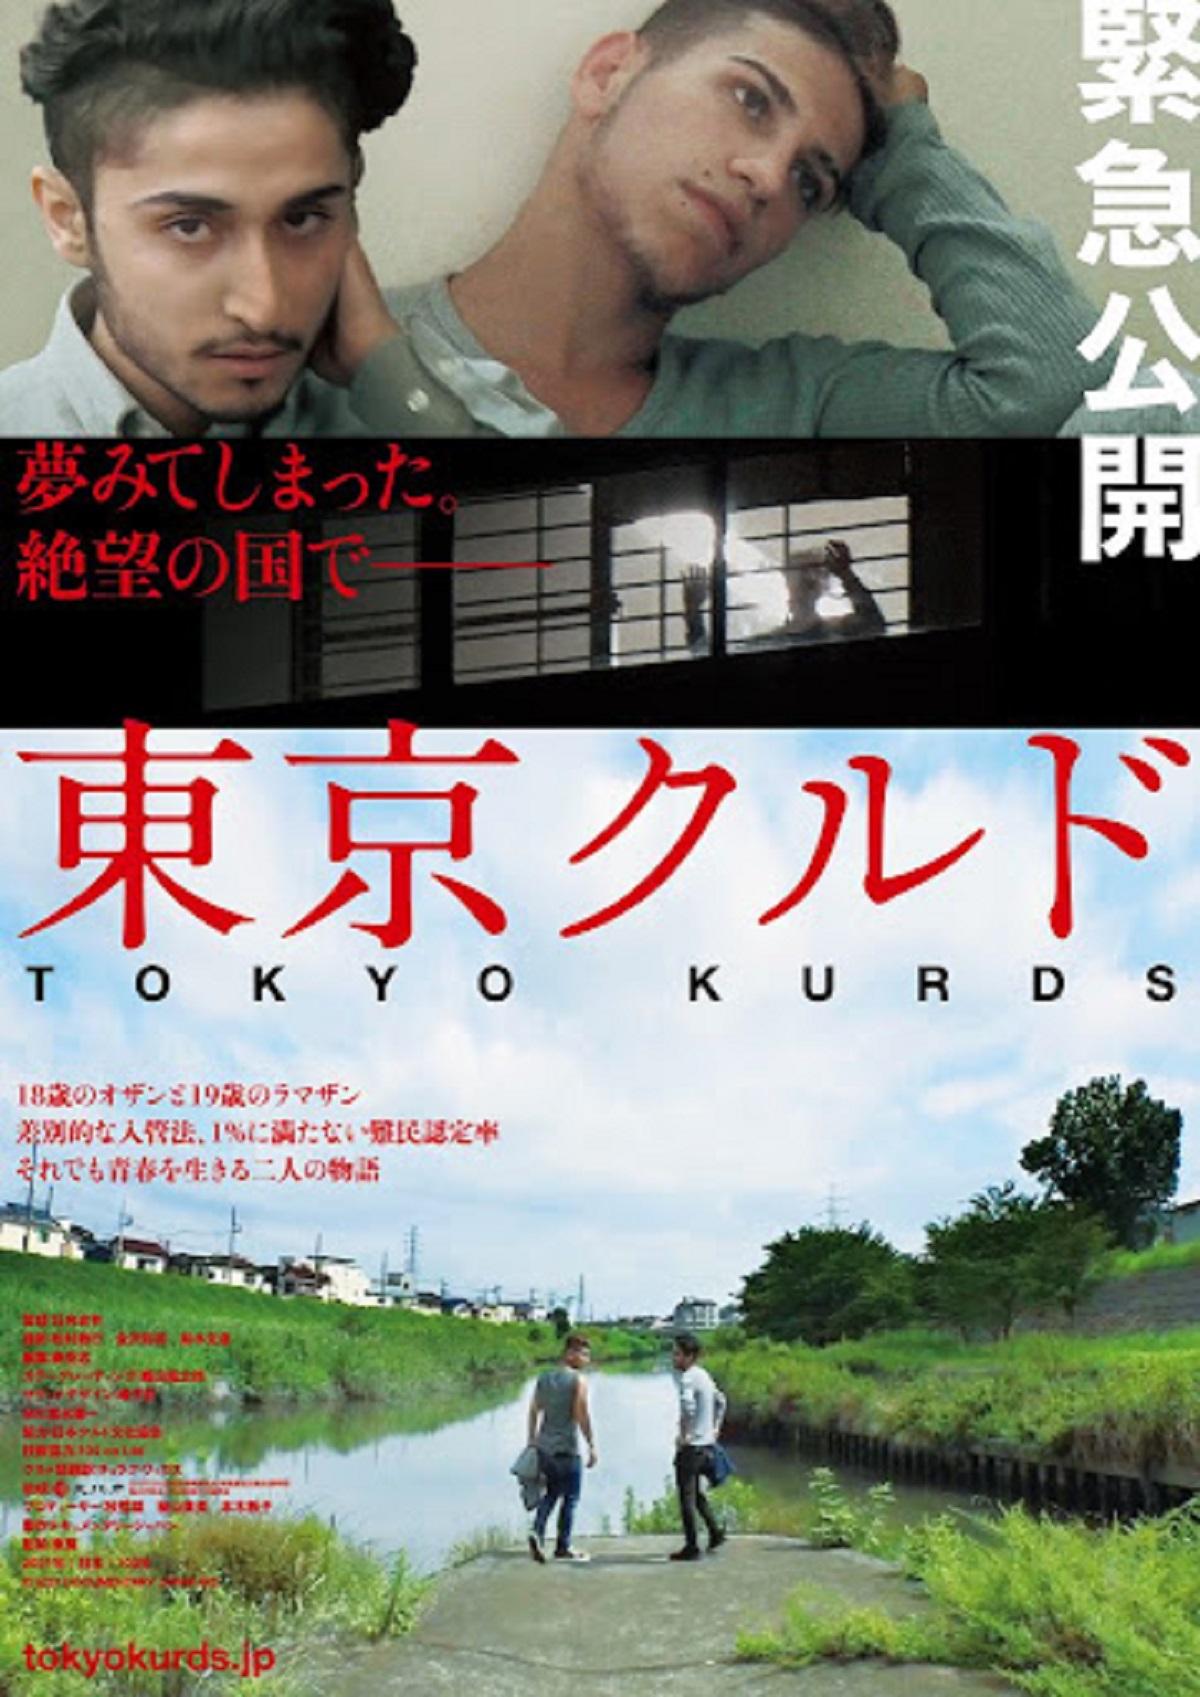 映画『東京クルド』ポスター